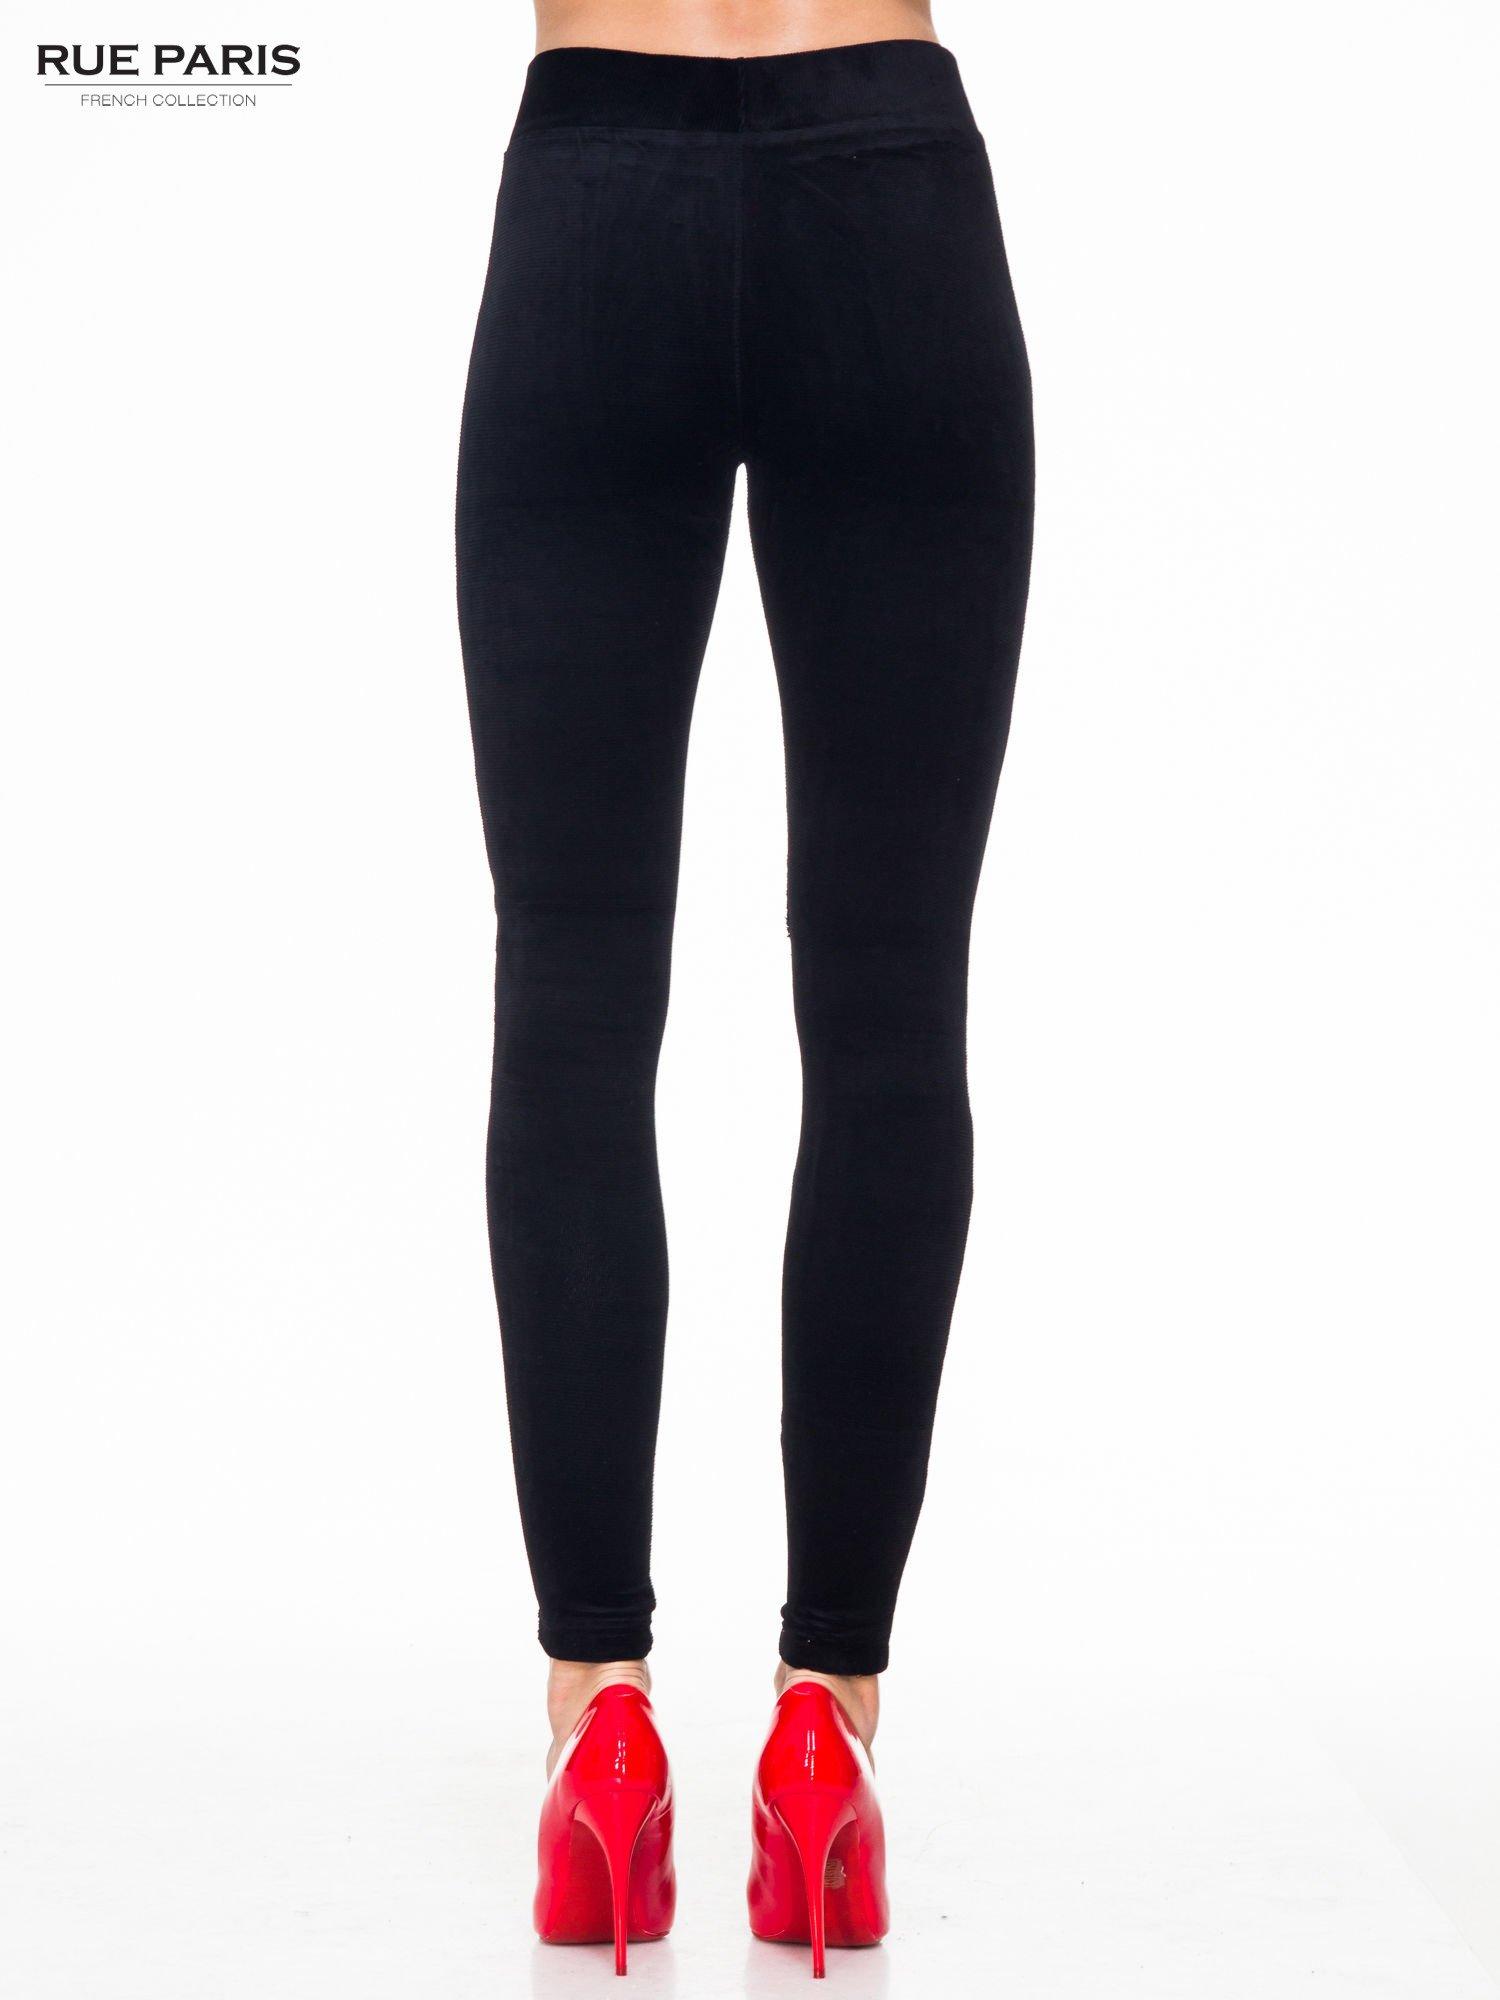 Czarne prążkowane legginsy damskie                                  zdj.                                  4